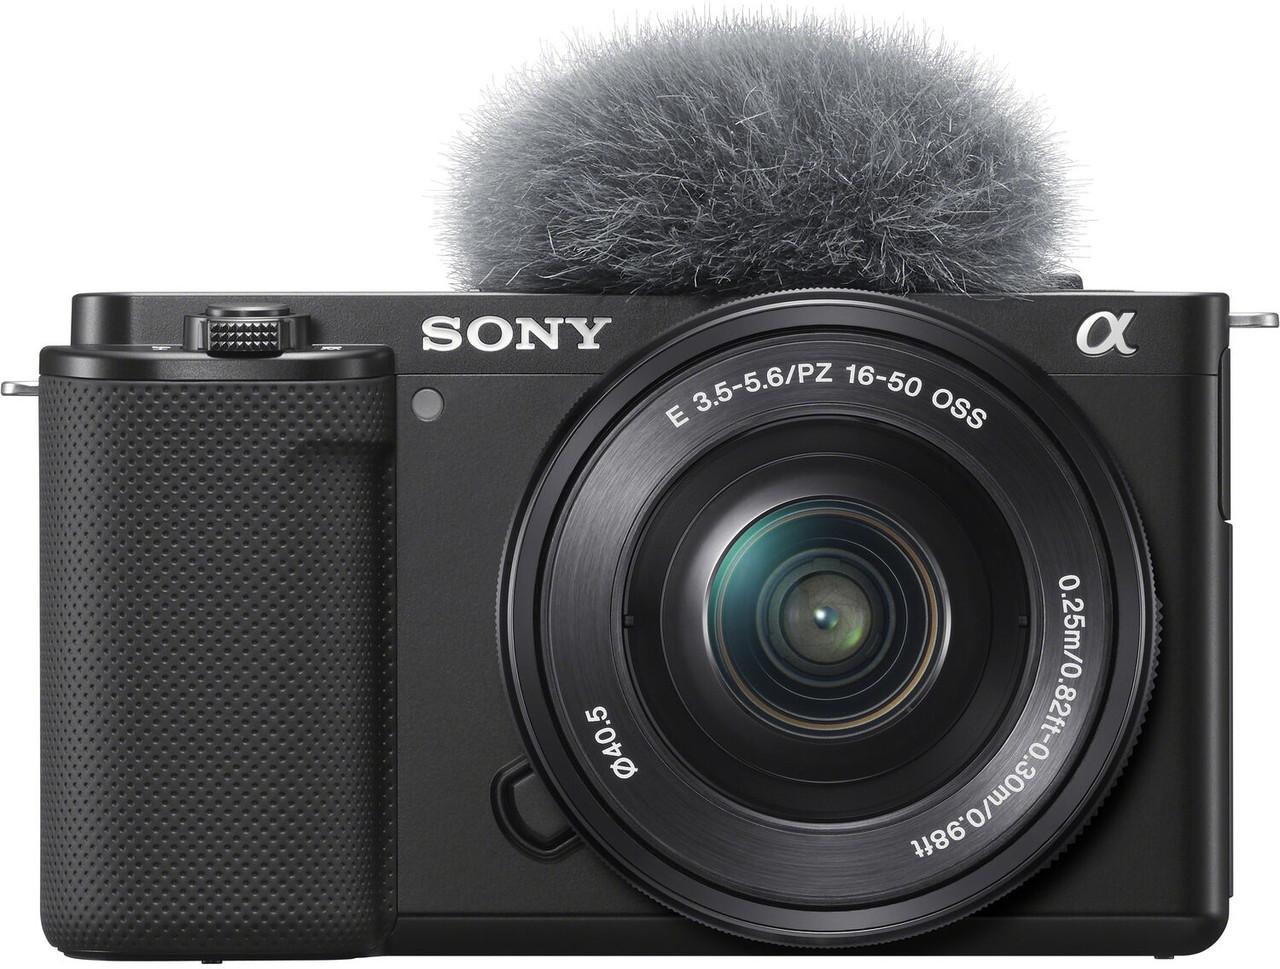 Sony ZV-E10 Interchangeable Lens Vlog Camera with E PZ 16-50mm f/3.5-5.6 OSS Lens (Black)